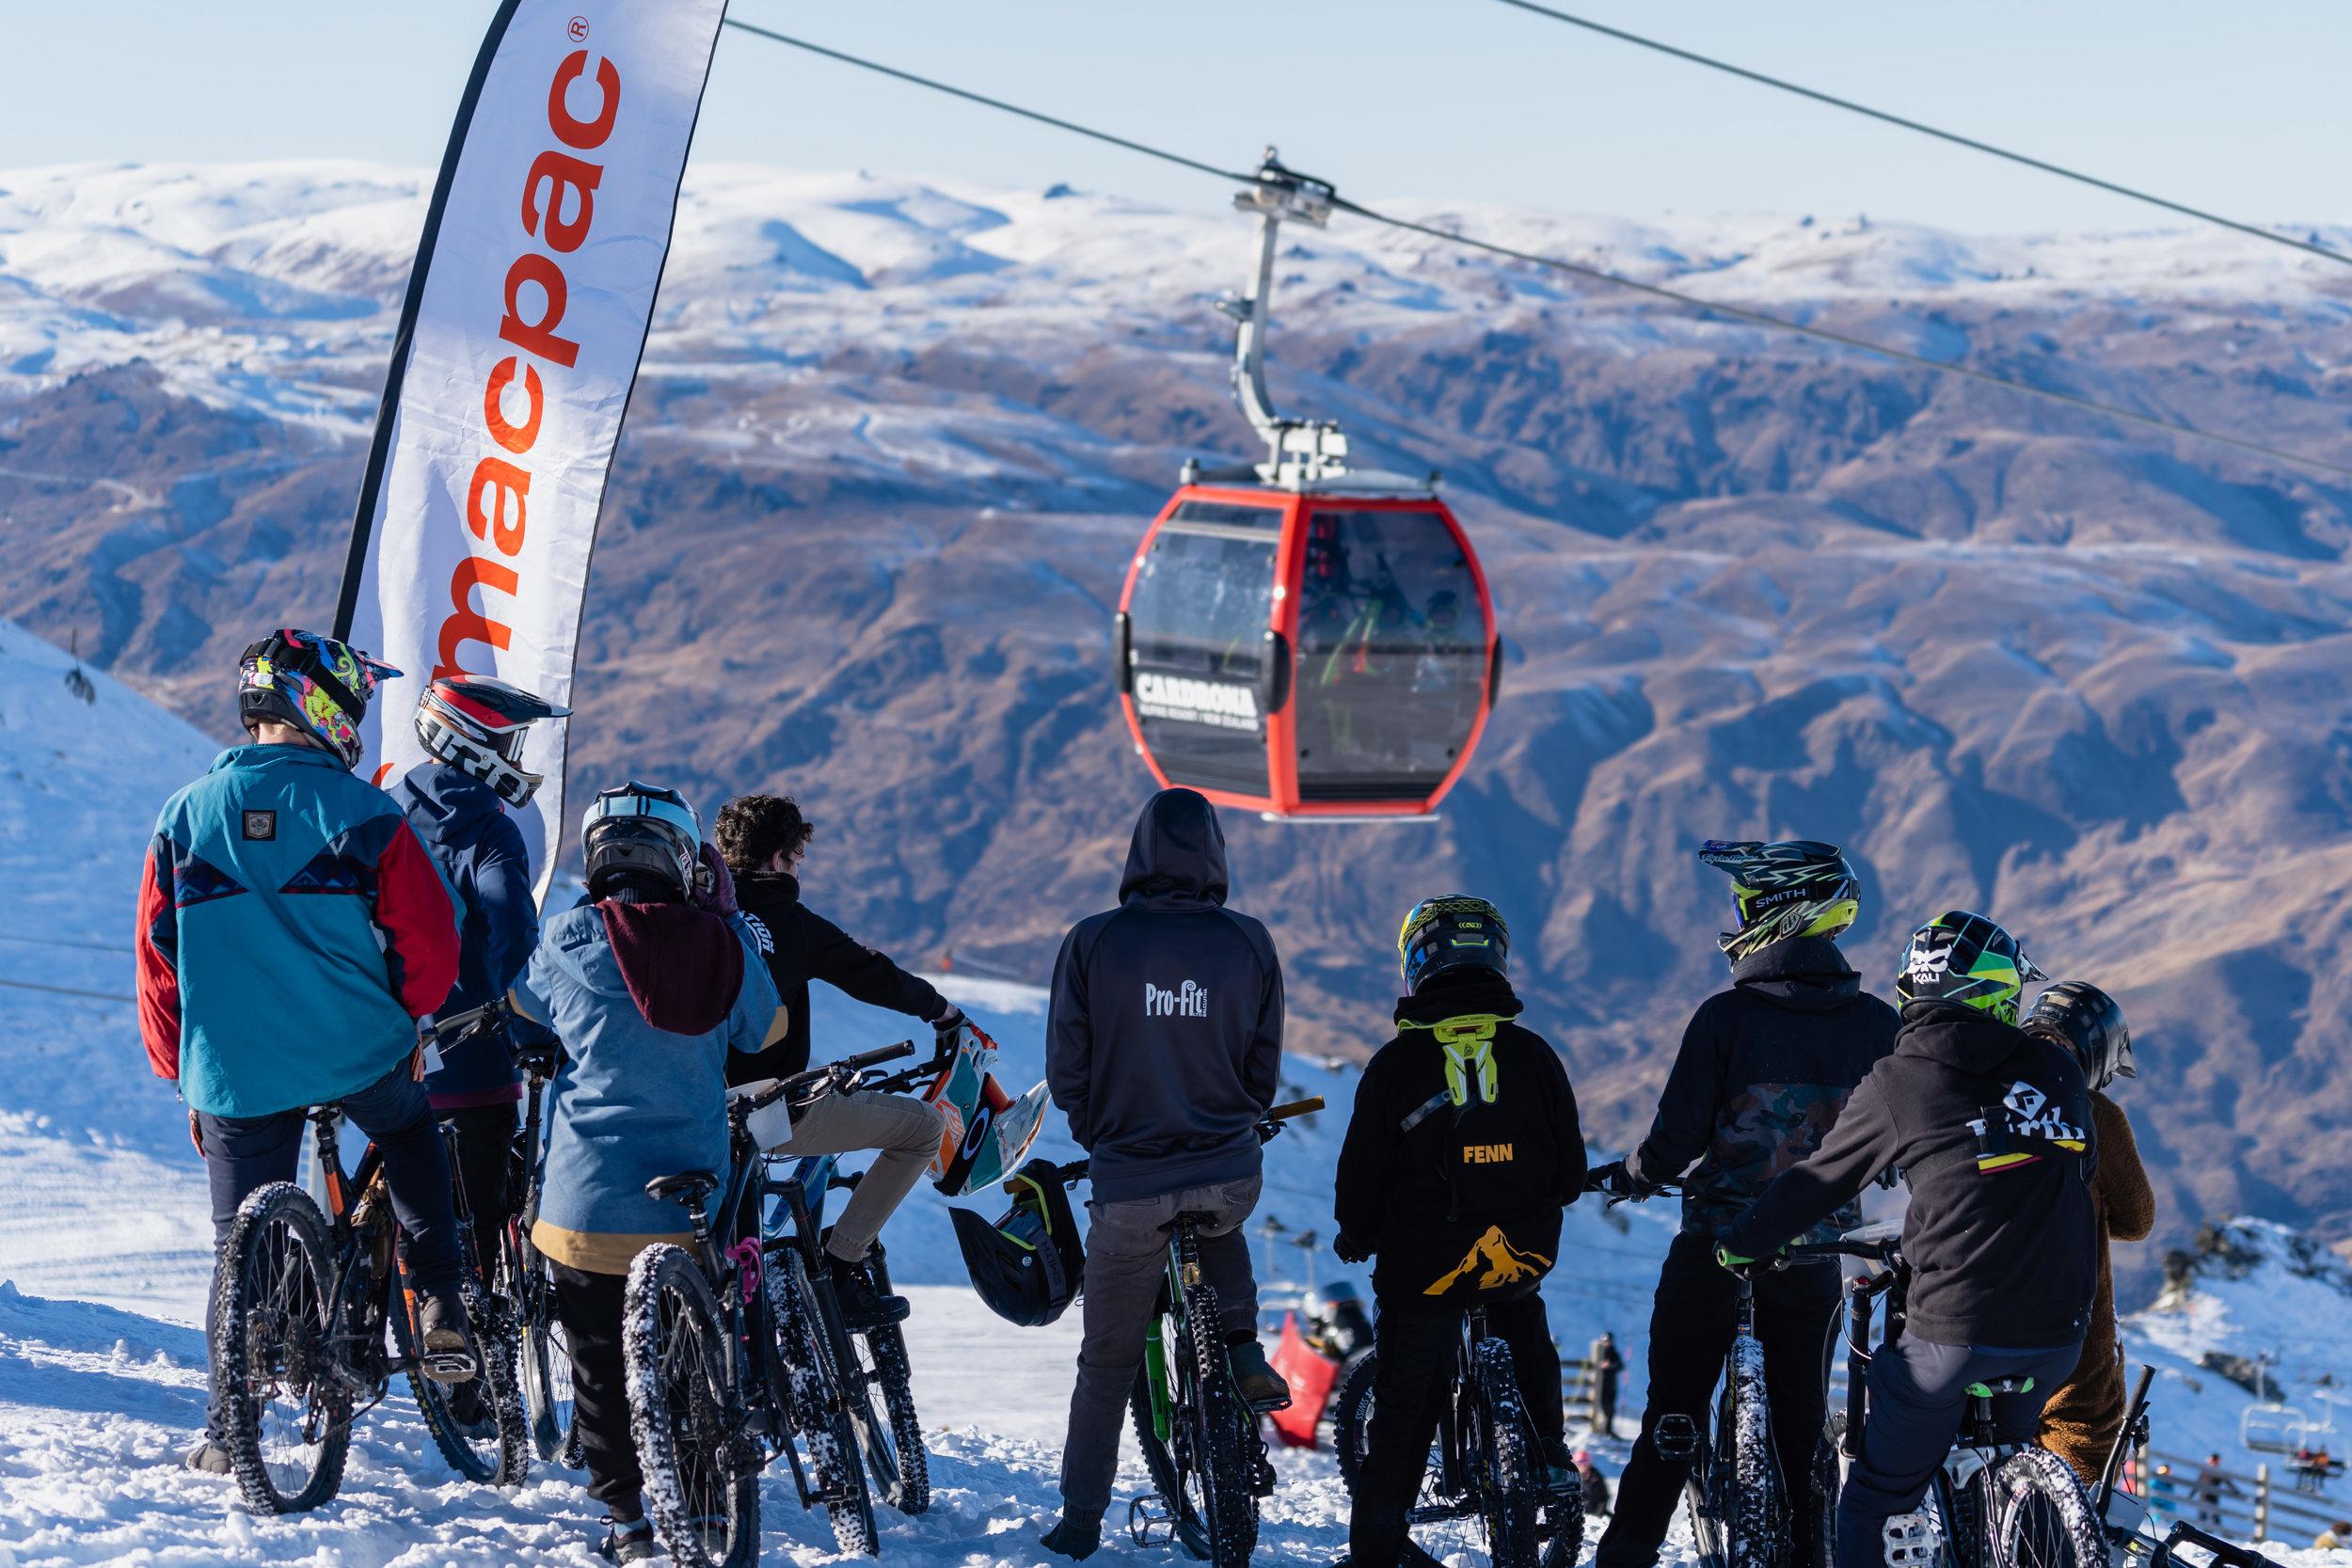 MACPAC MOUNTAIN BIKES ON SNOW